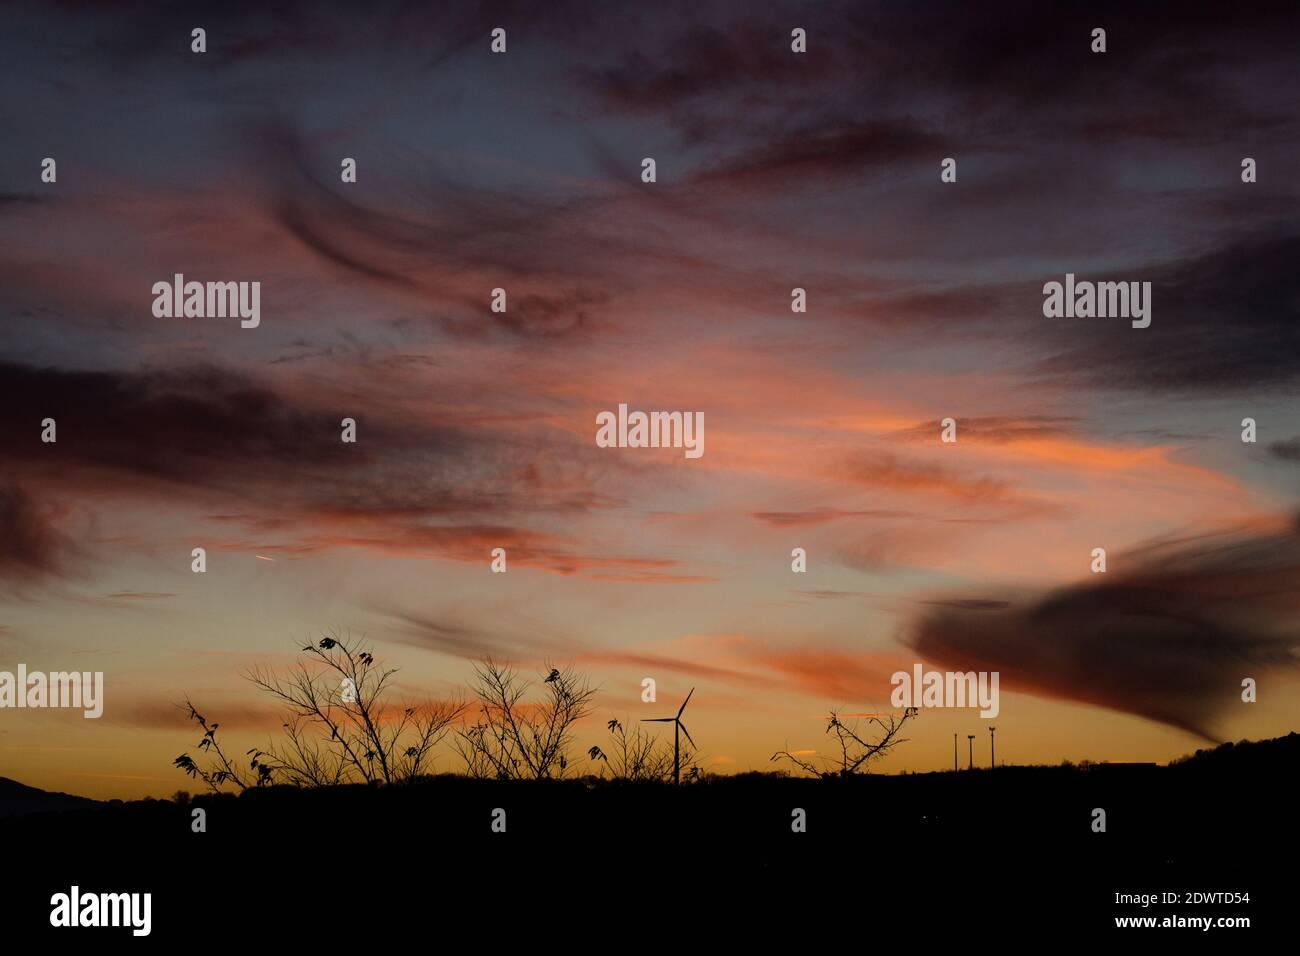 Sonnenuntergang in den Bergen, Spiele von Farben und Wolken Stockfoto